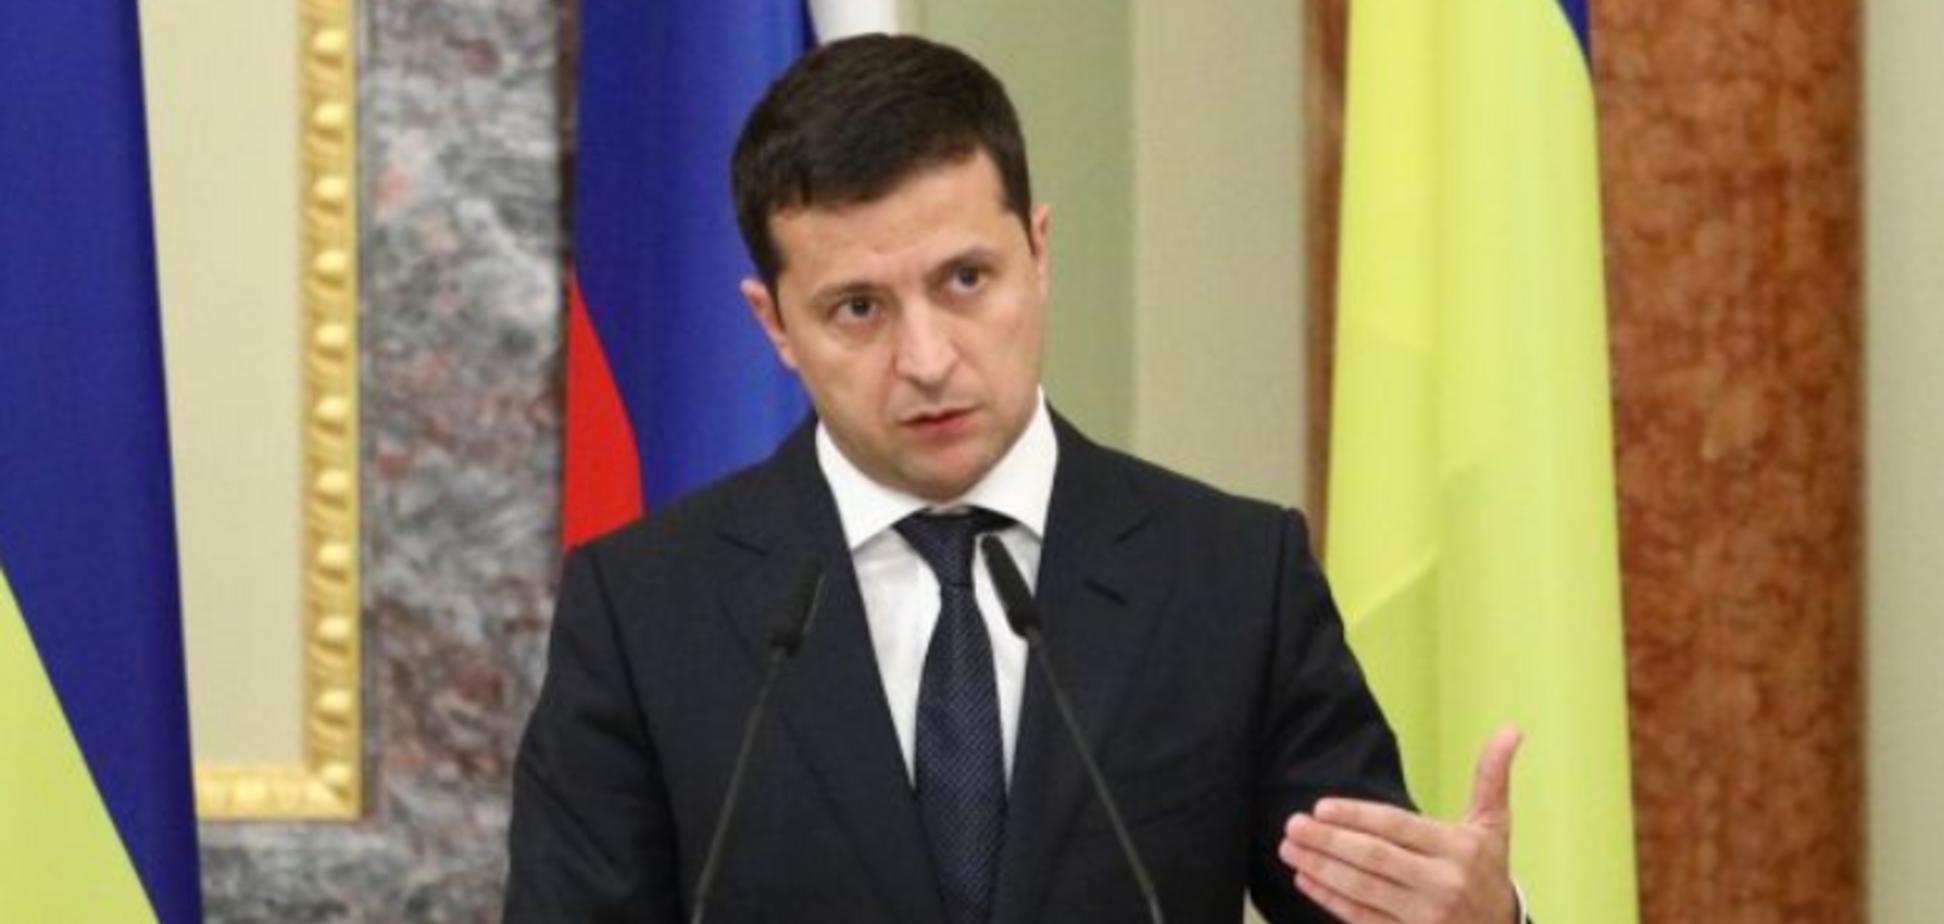 Зеленский выступил с экстренным заявлением